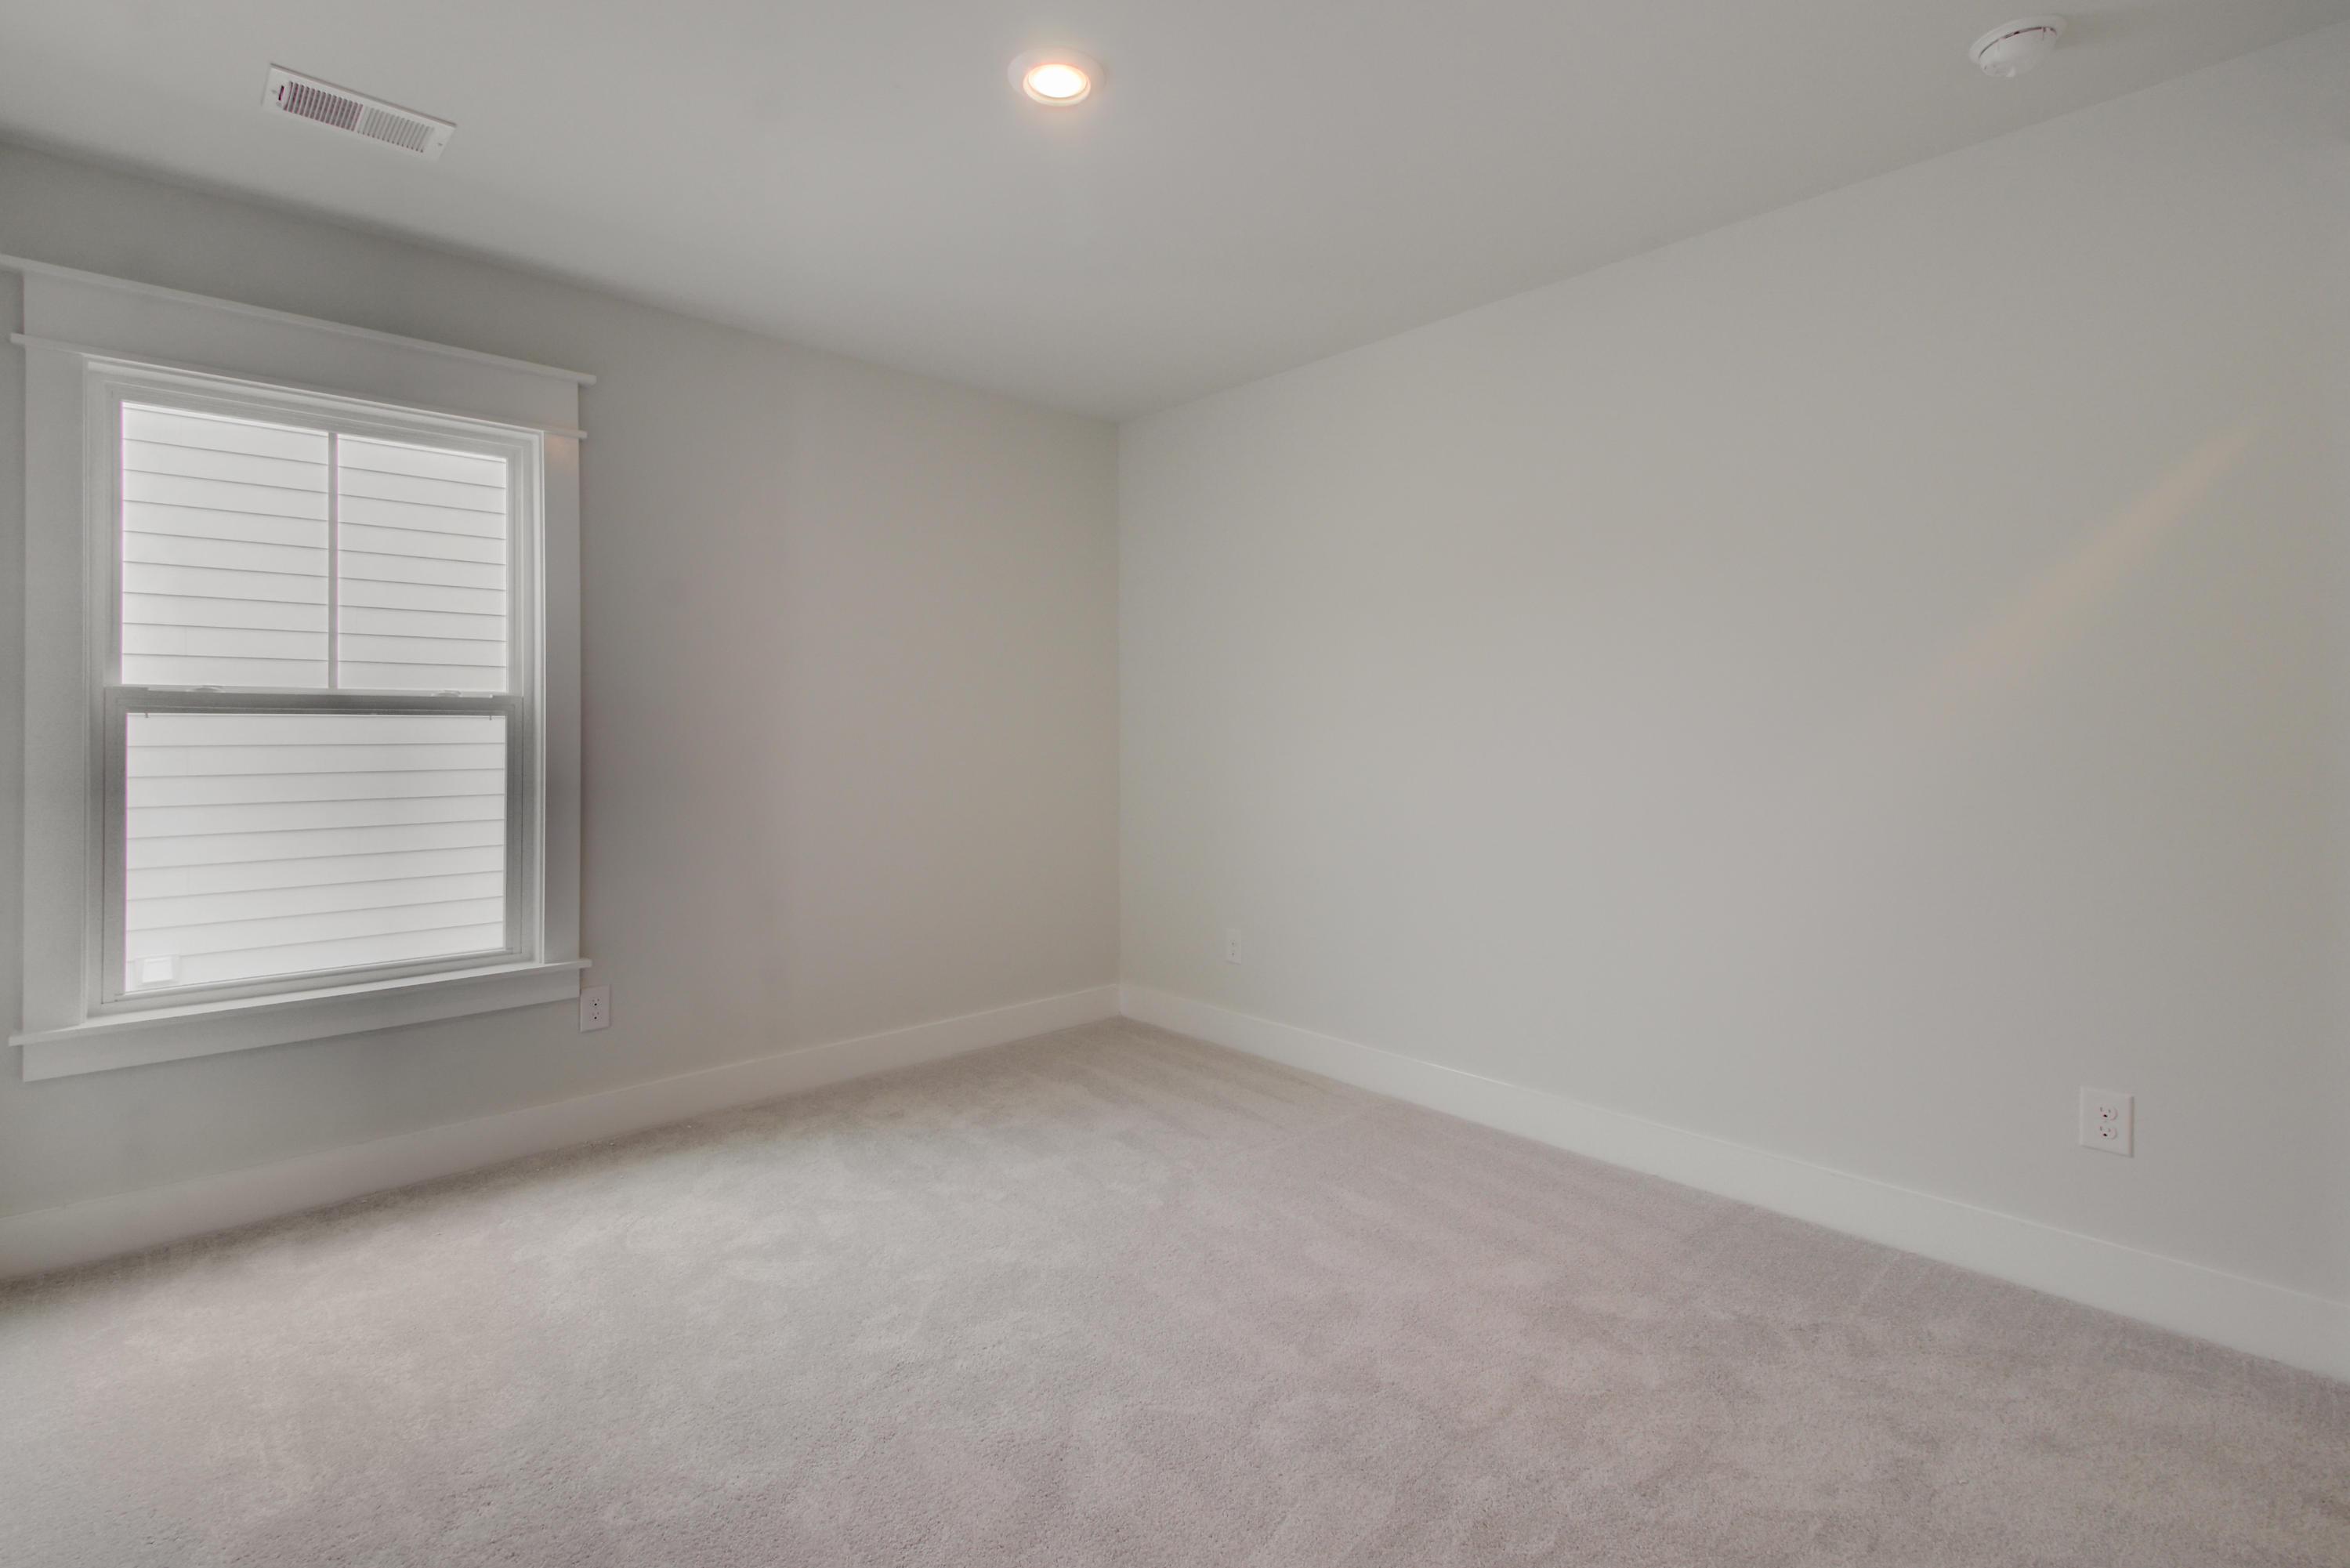 Park West Homes For Sale - 3033 Caspian, Mount Pleasant, SC - 21